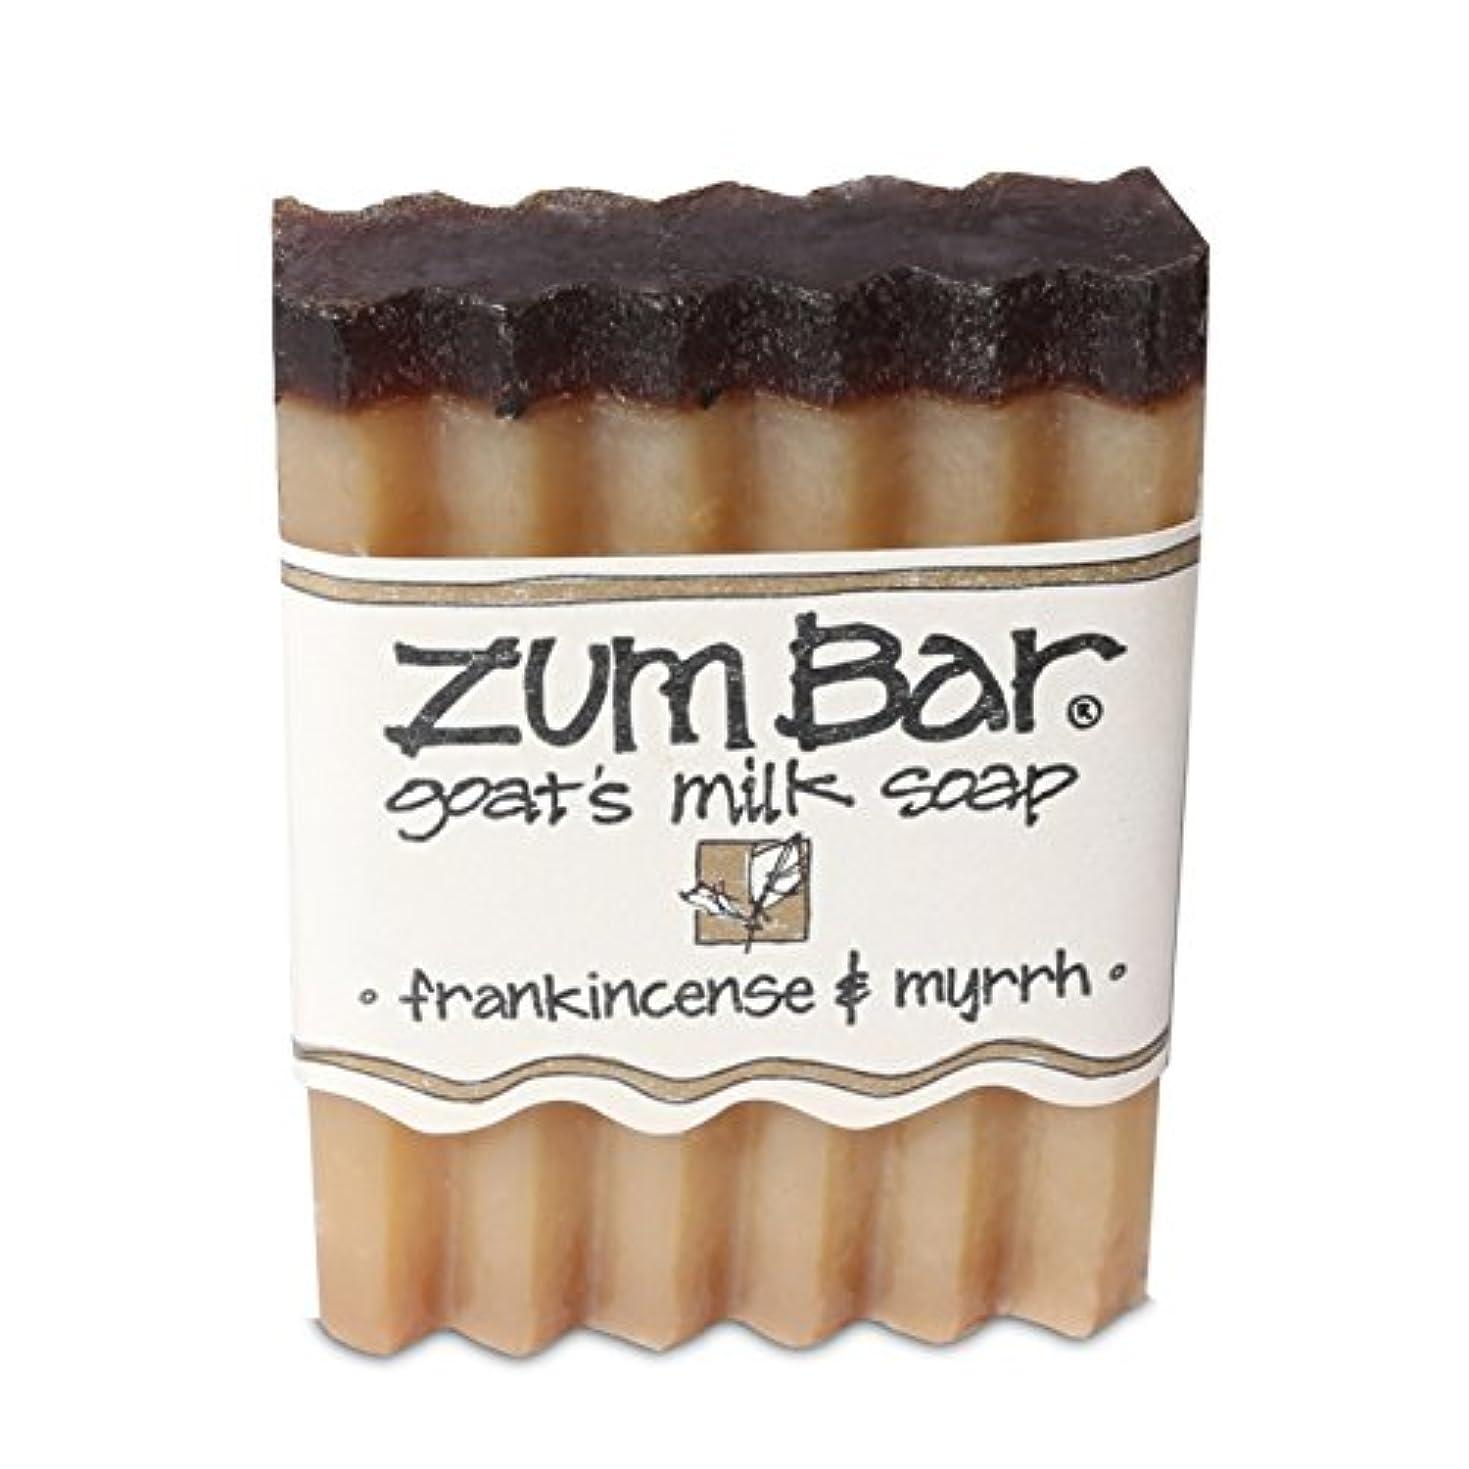 動作理想的キャスト海外直送品 Indigo Wild, Zum Bar, Goat's ミルク ソープ フランキンセンス&ミルラ, 3 Ounces (2個セット) (Frankincense & Myrrh) [並行輸入品]